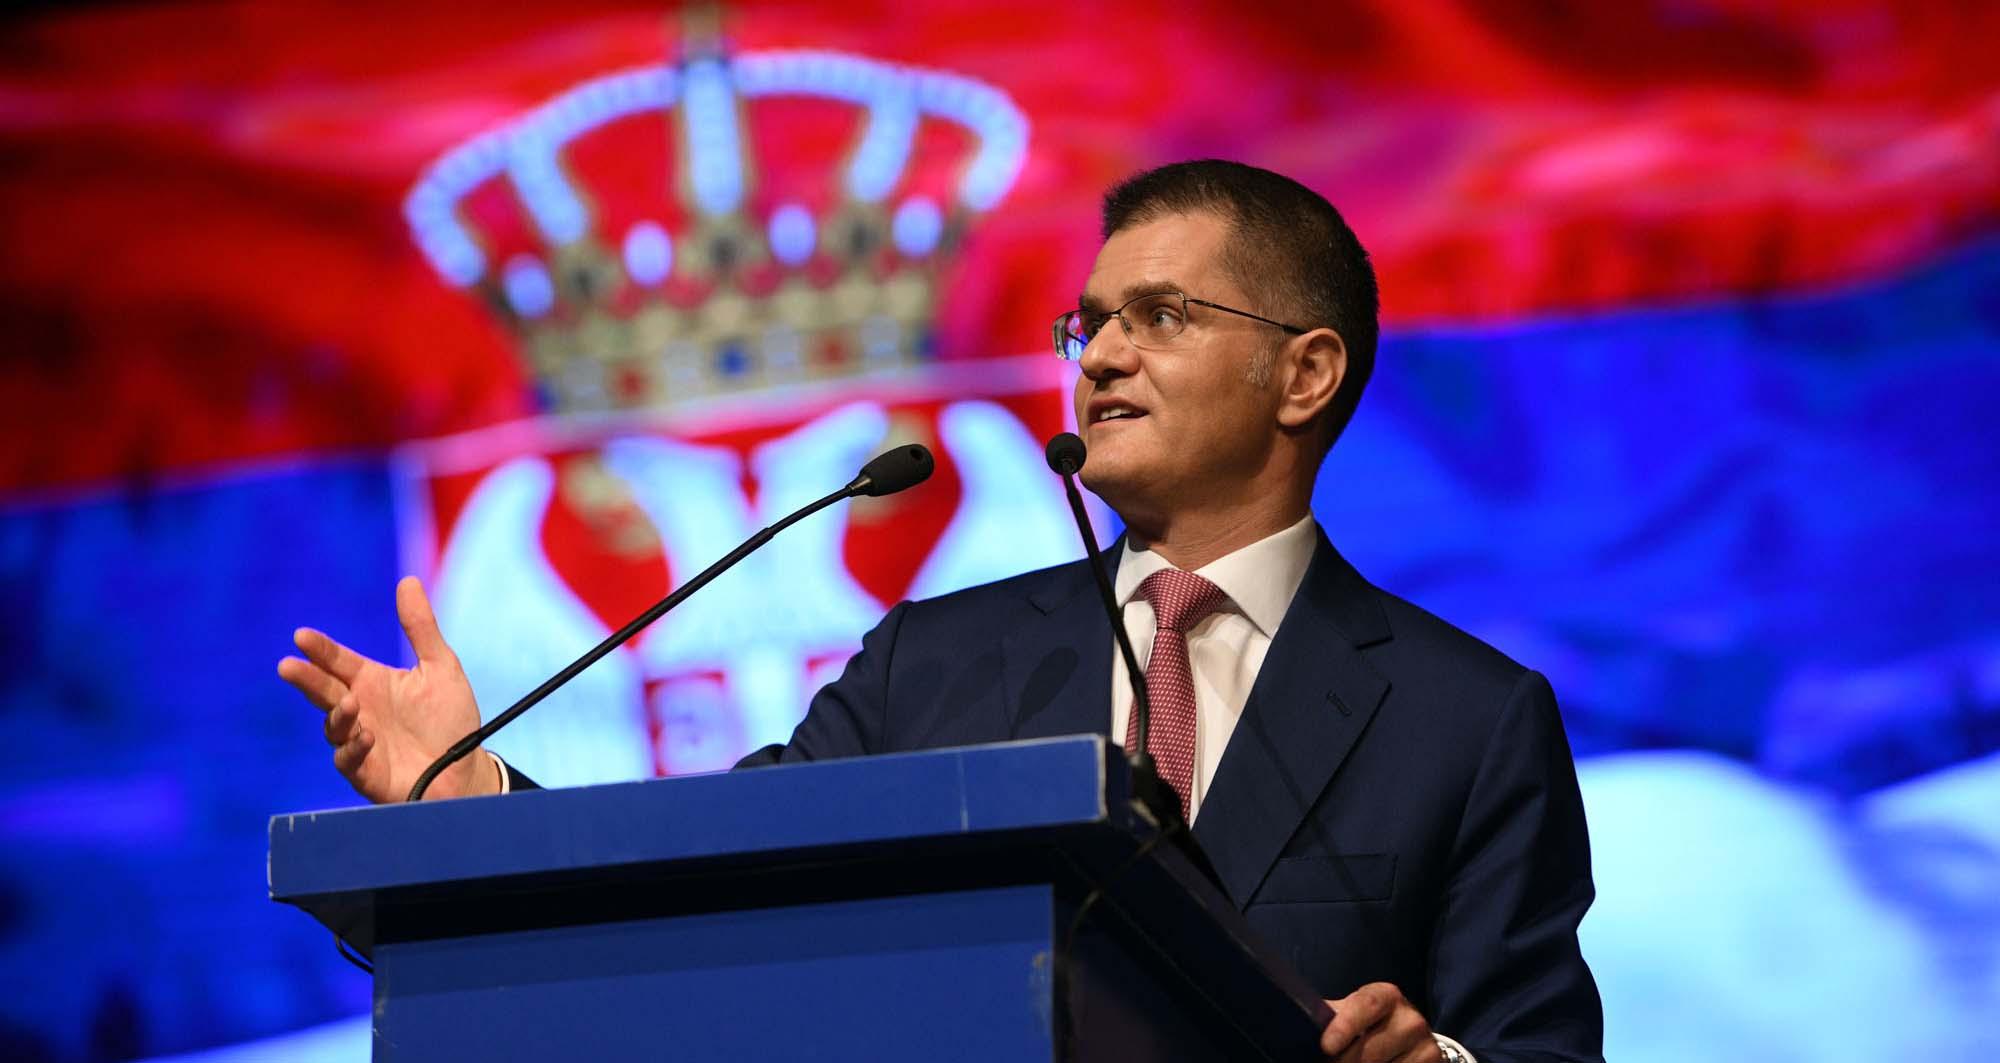 Јеремић: Народна странка наступаће самостално, рад на терену апсолутни приоритет